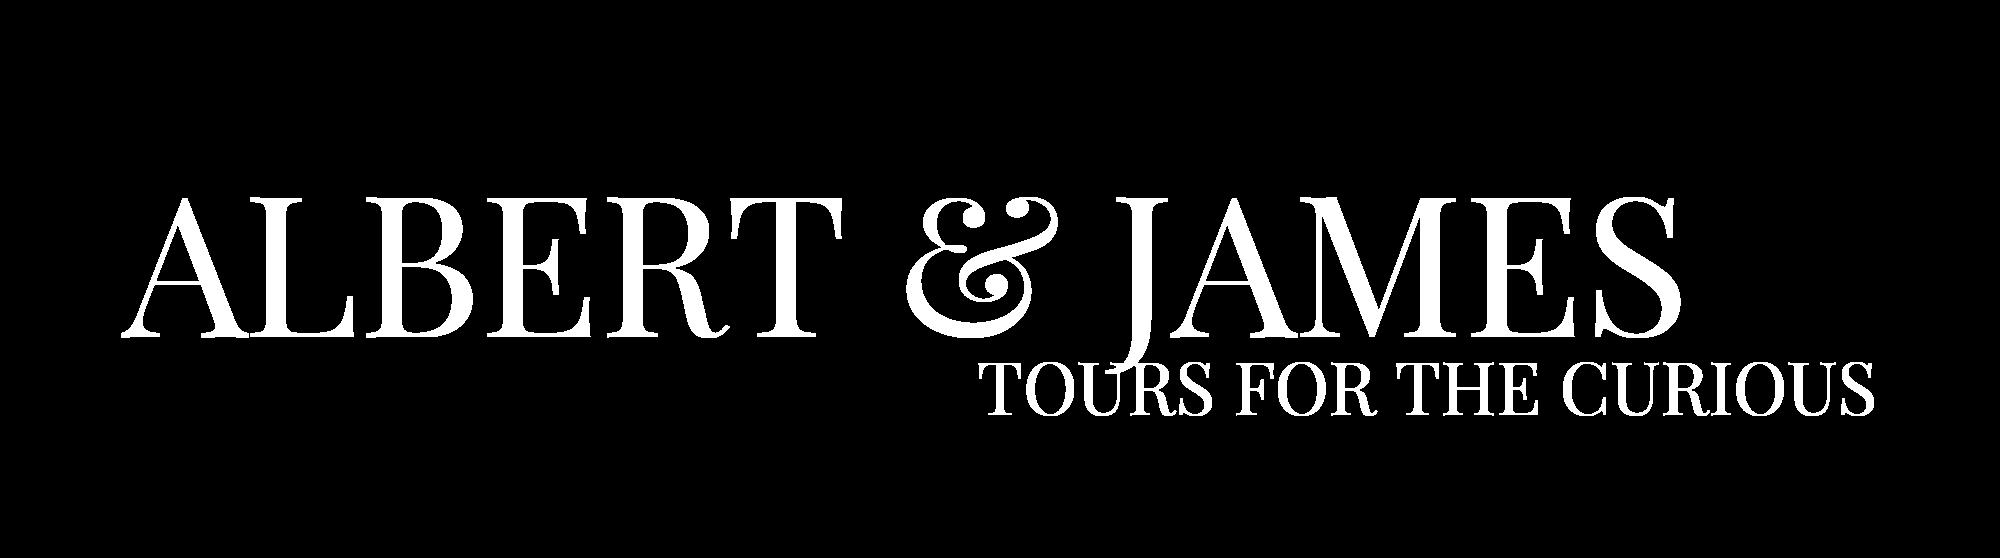 ALBERT & JAMES-logo-white.png